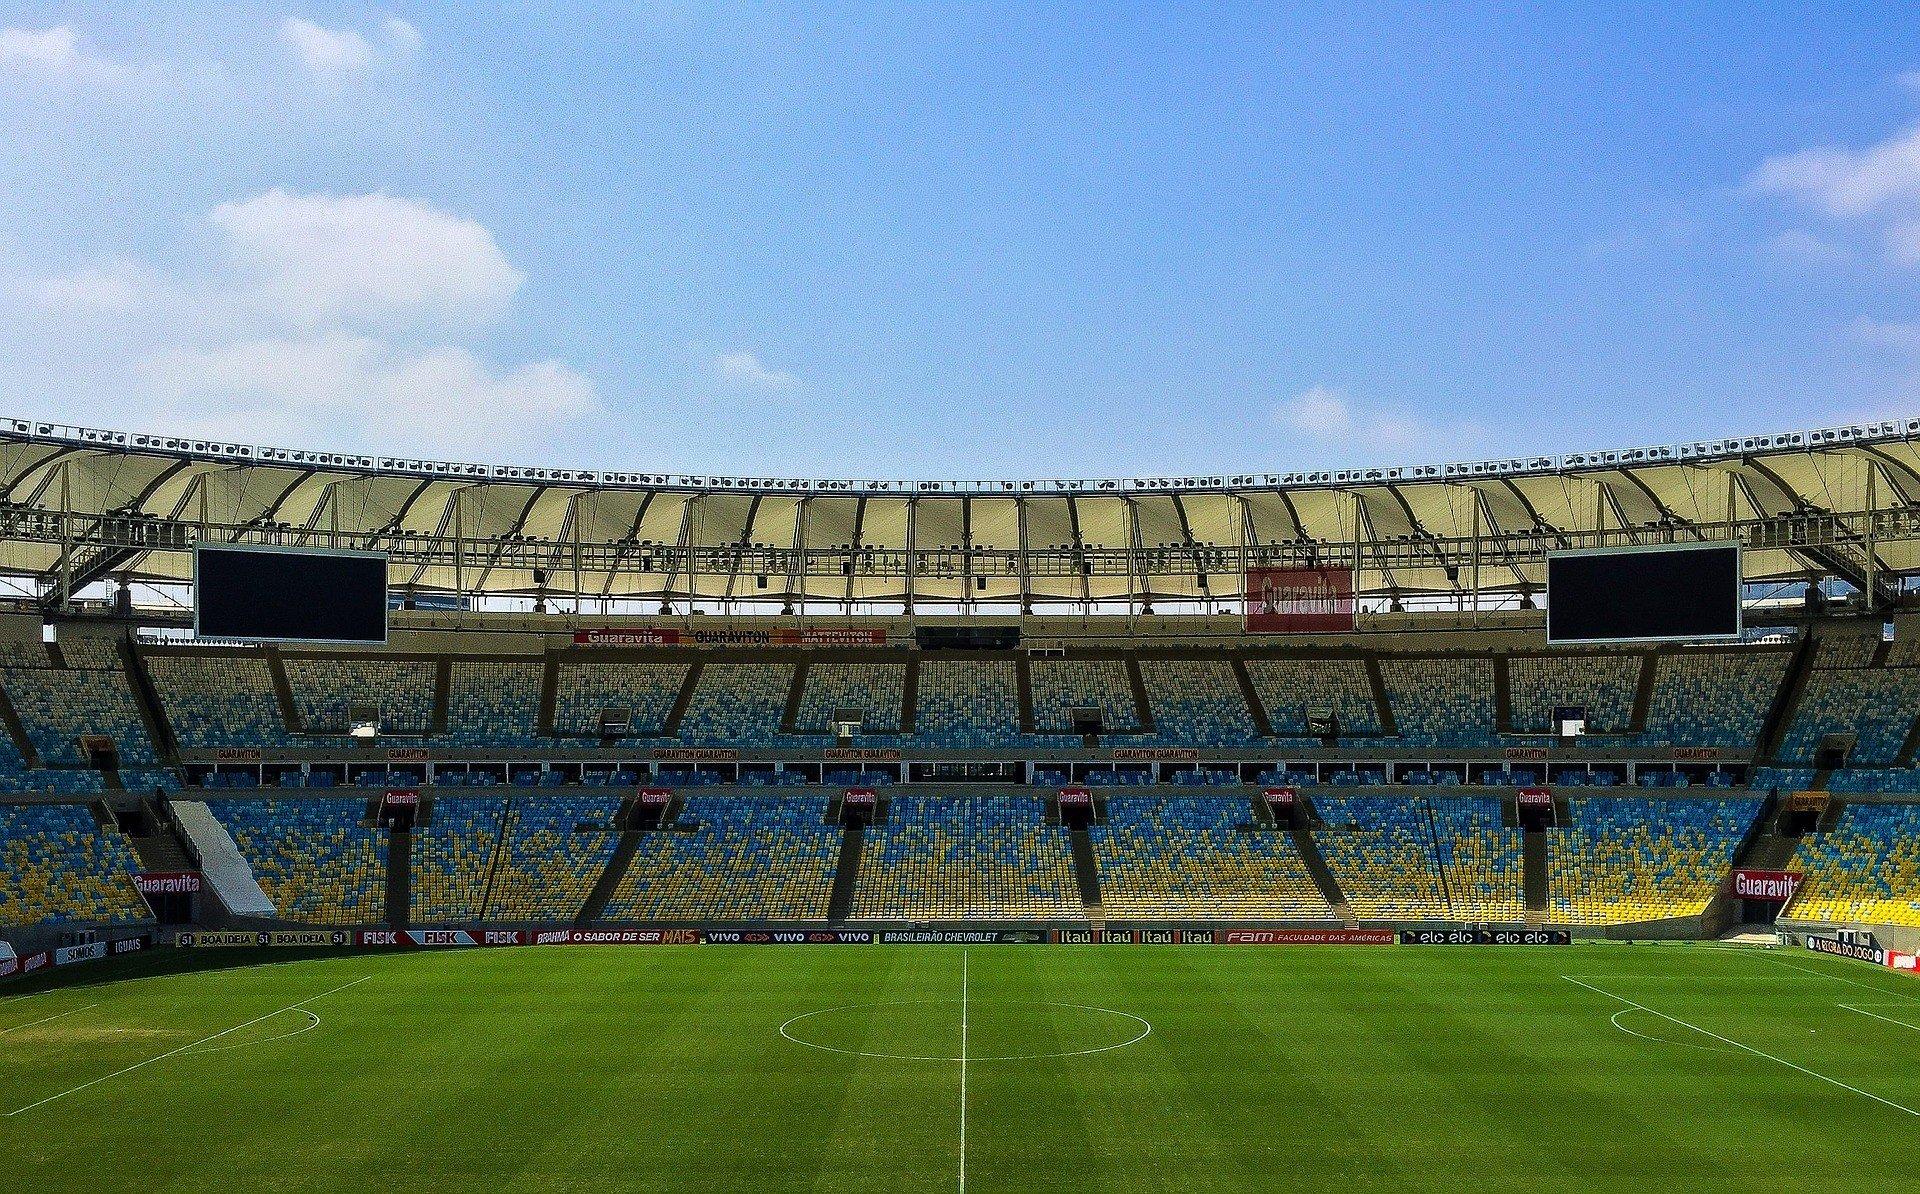 Украинская премьер-лига: результаты матчей 13 тура